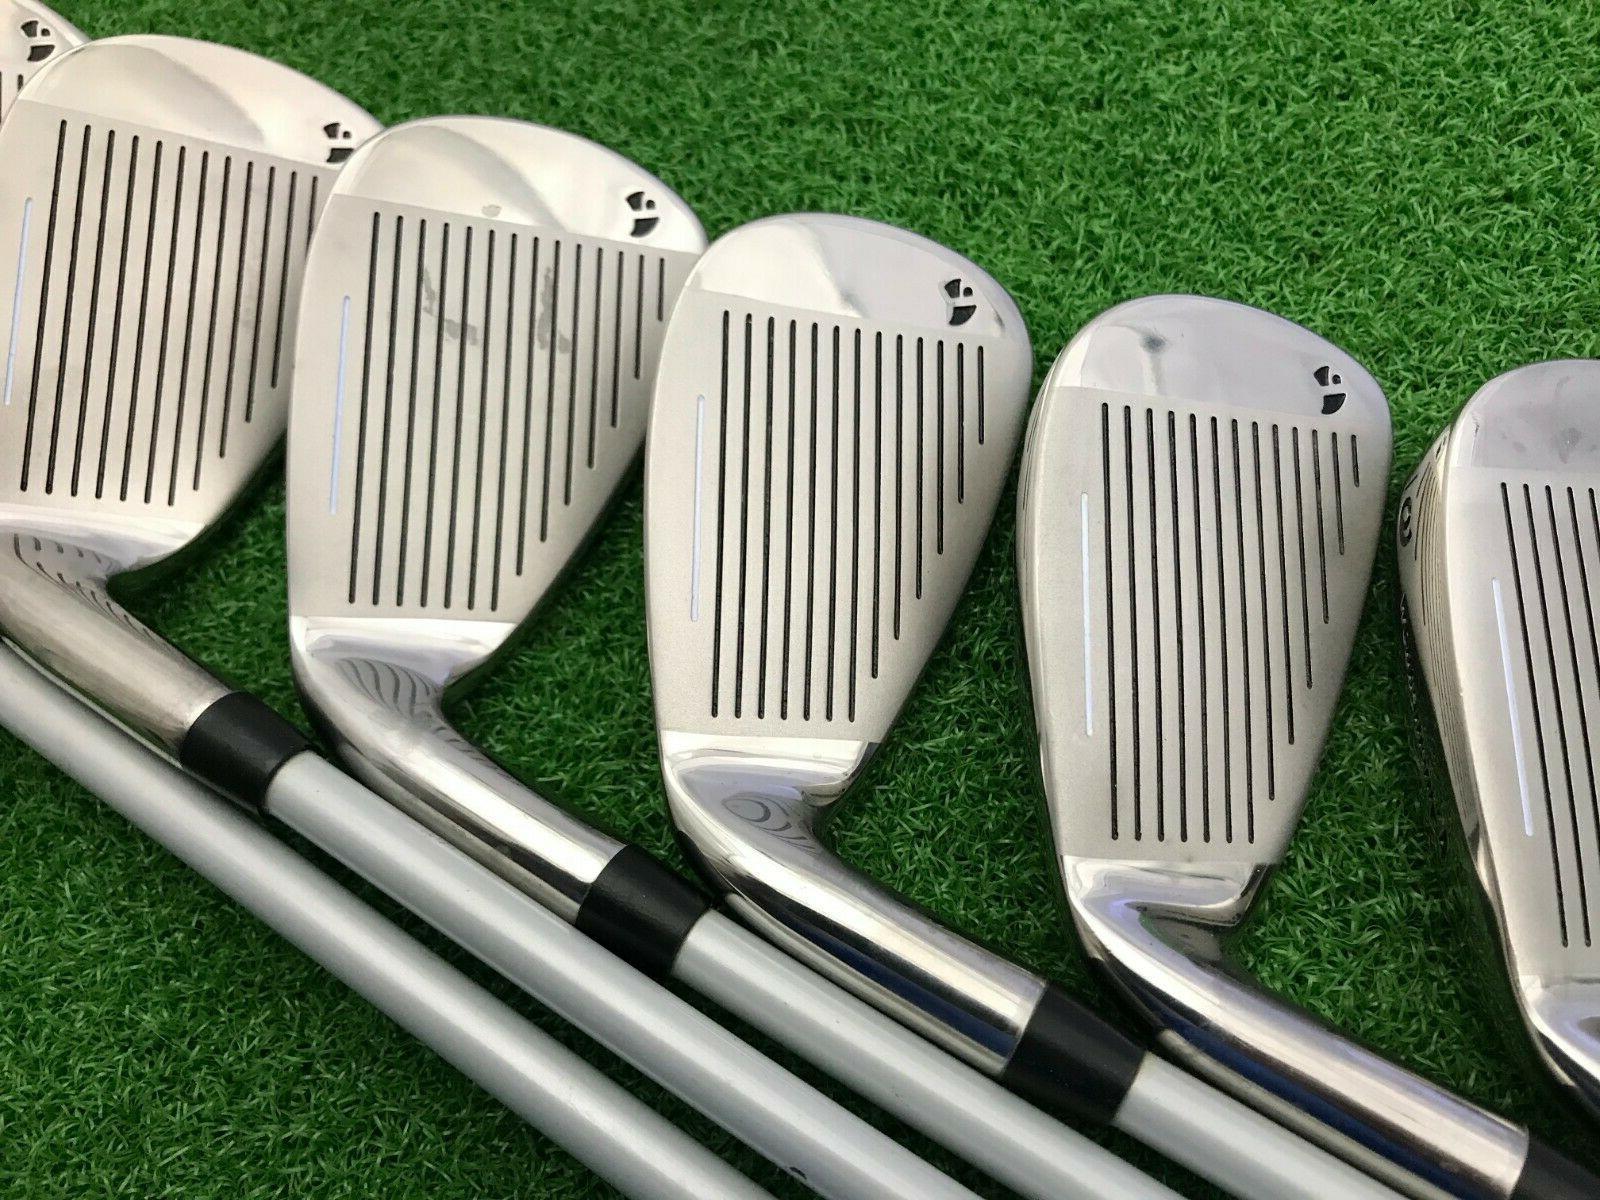 NEW Golf COMMAND 5-PW Graphite